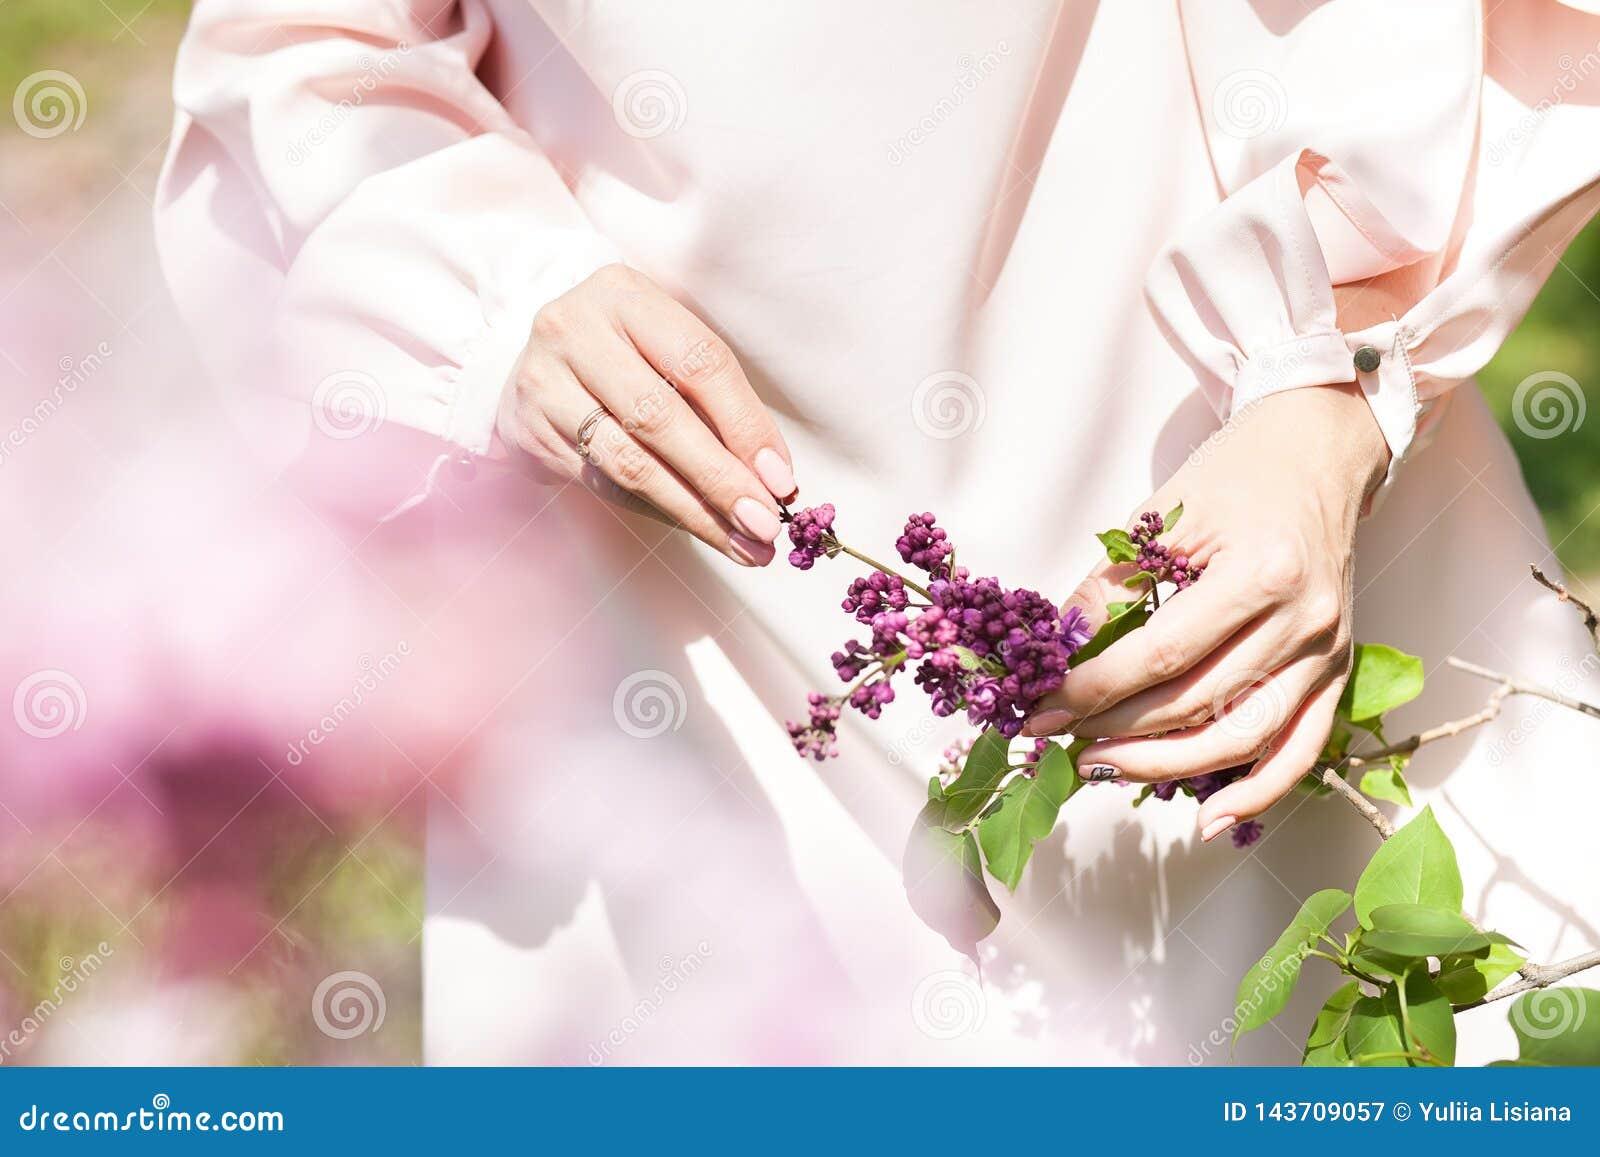 Lilan blommar i en hand på ett träd